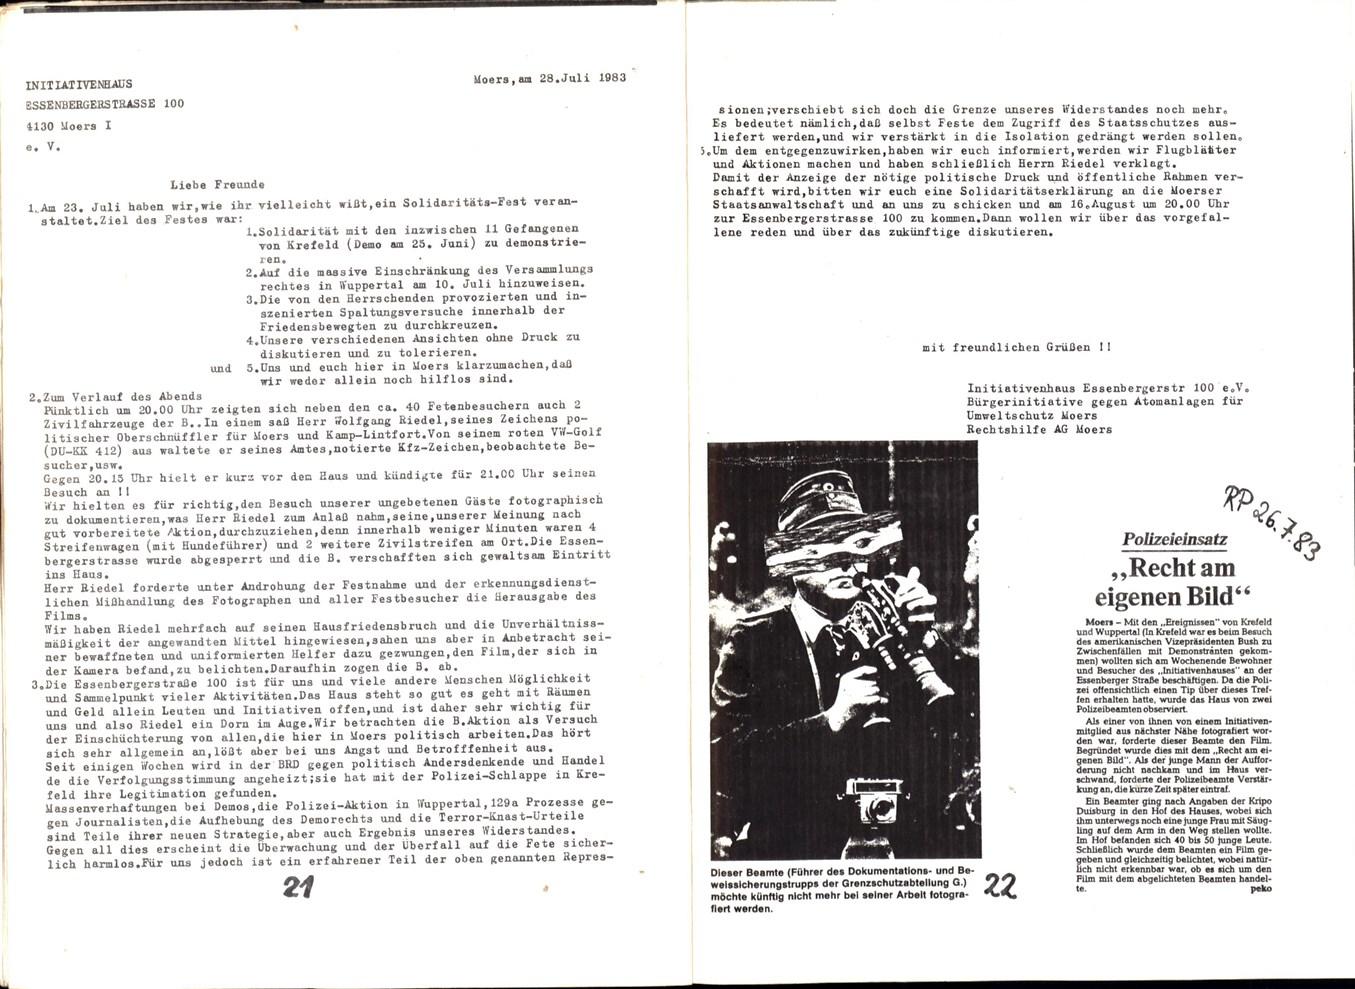 NRW_AKW_LKNRW_19830821_44_12